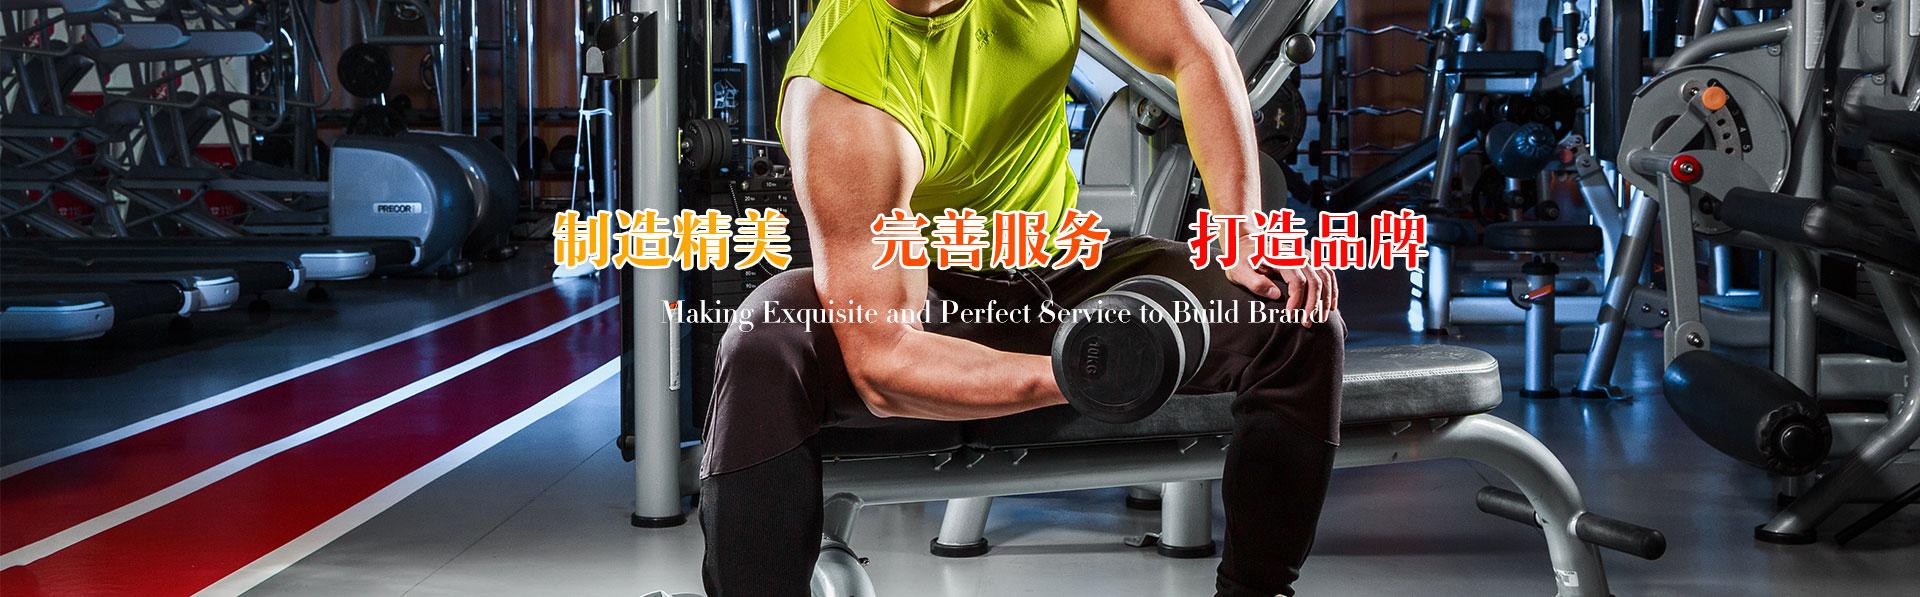 山东健身器材厂家